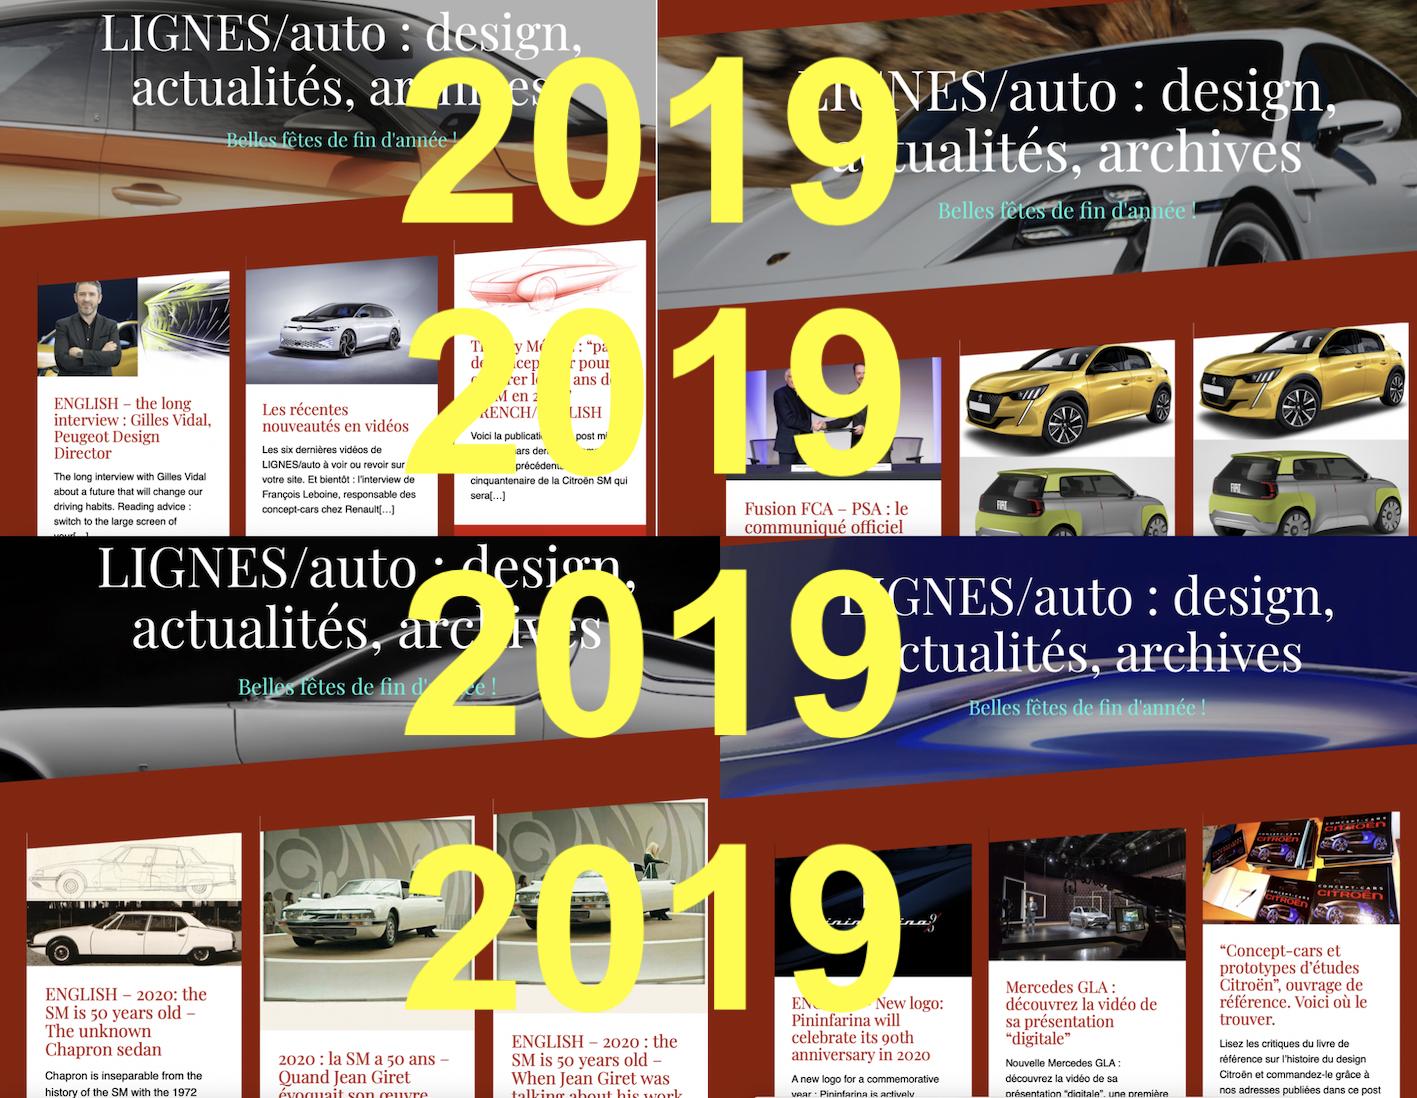 2019 : retour sur les moments forts de LIGNES/auto